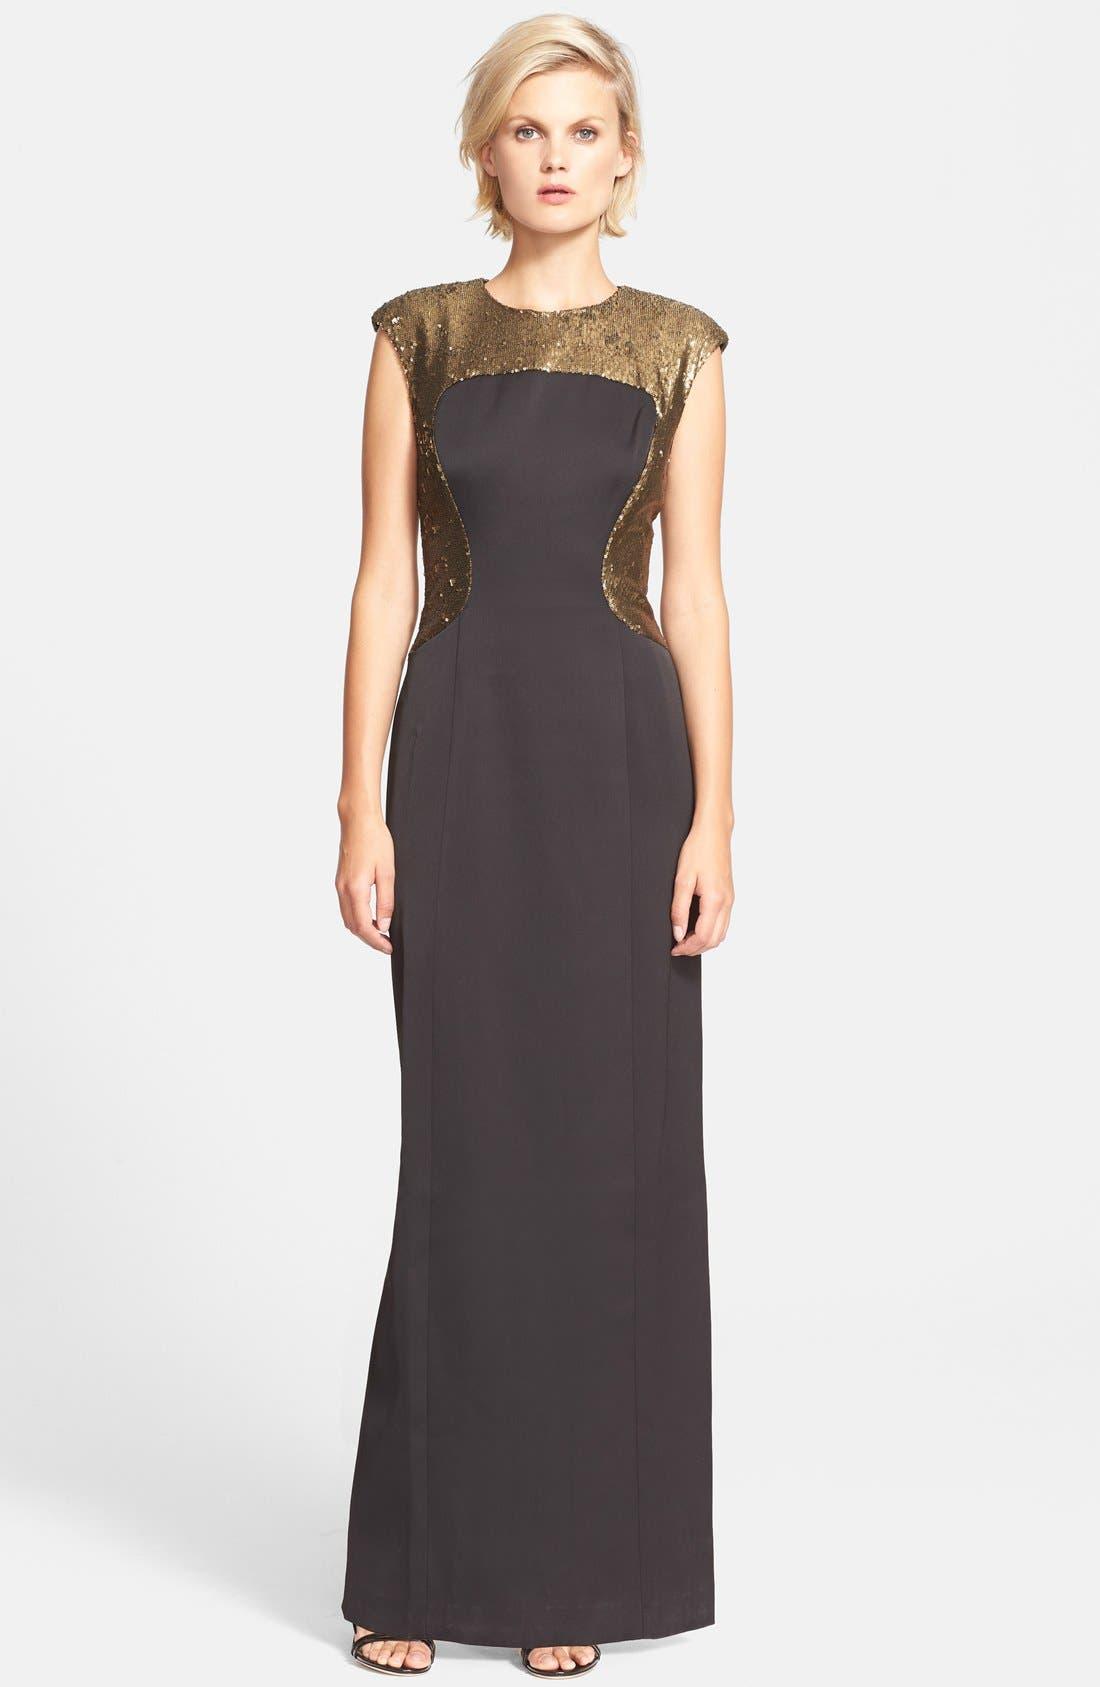 Alternate Image 1 Selected - Ted Baker London 'Aroha' Embellished Maxi Dress